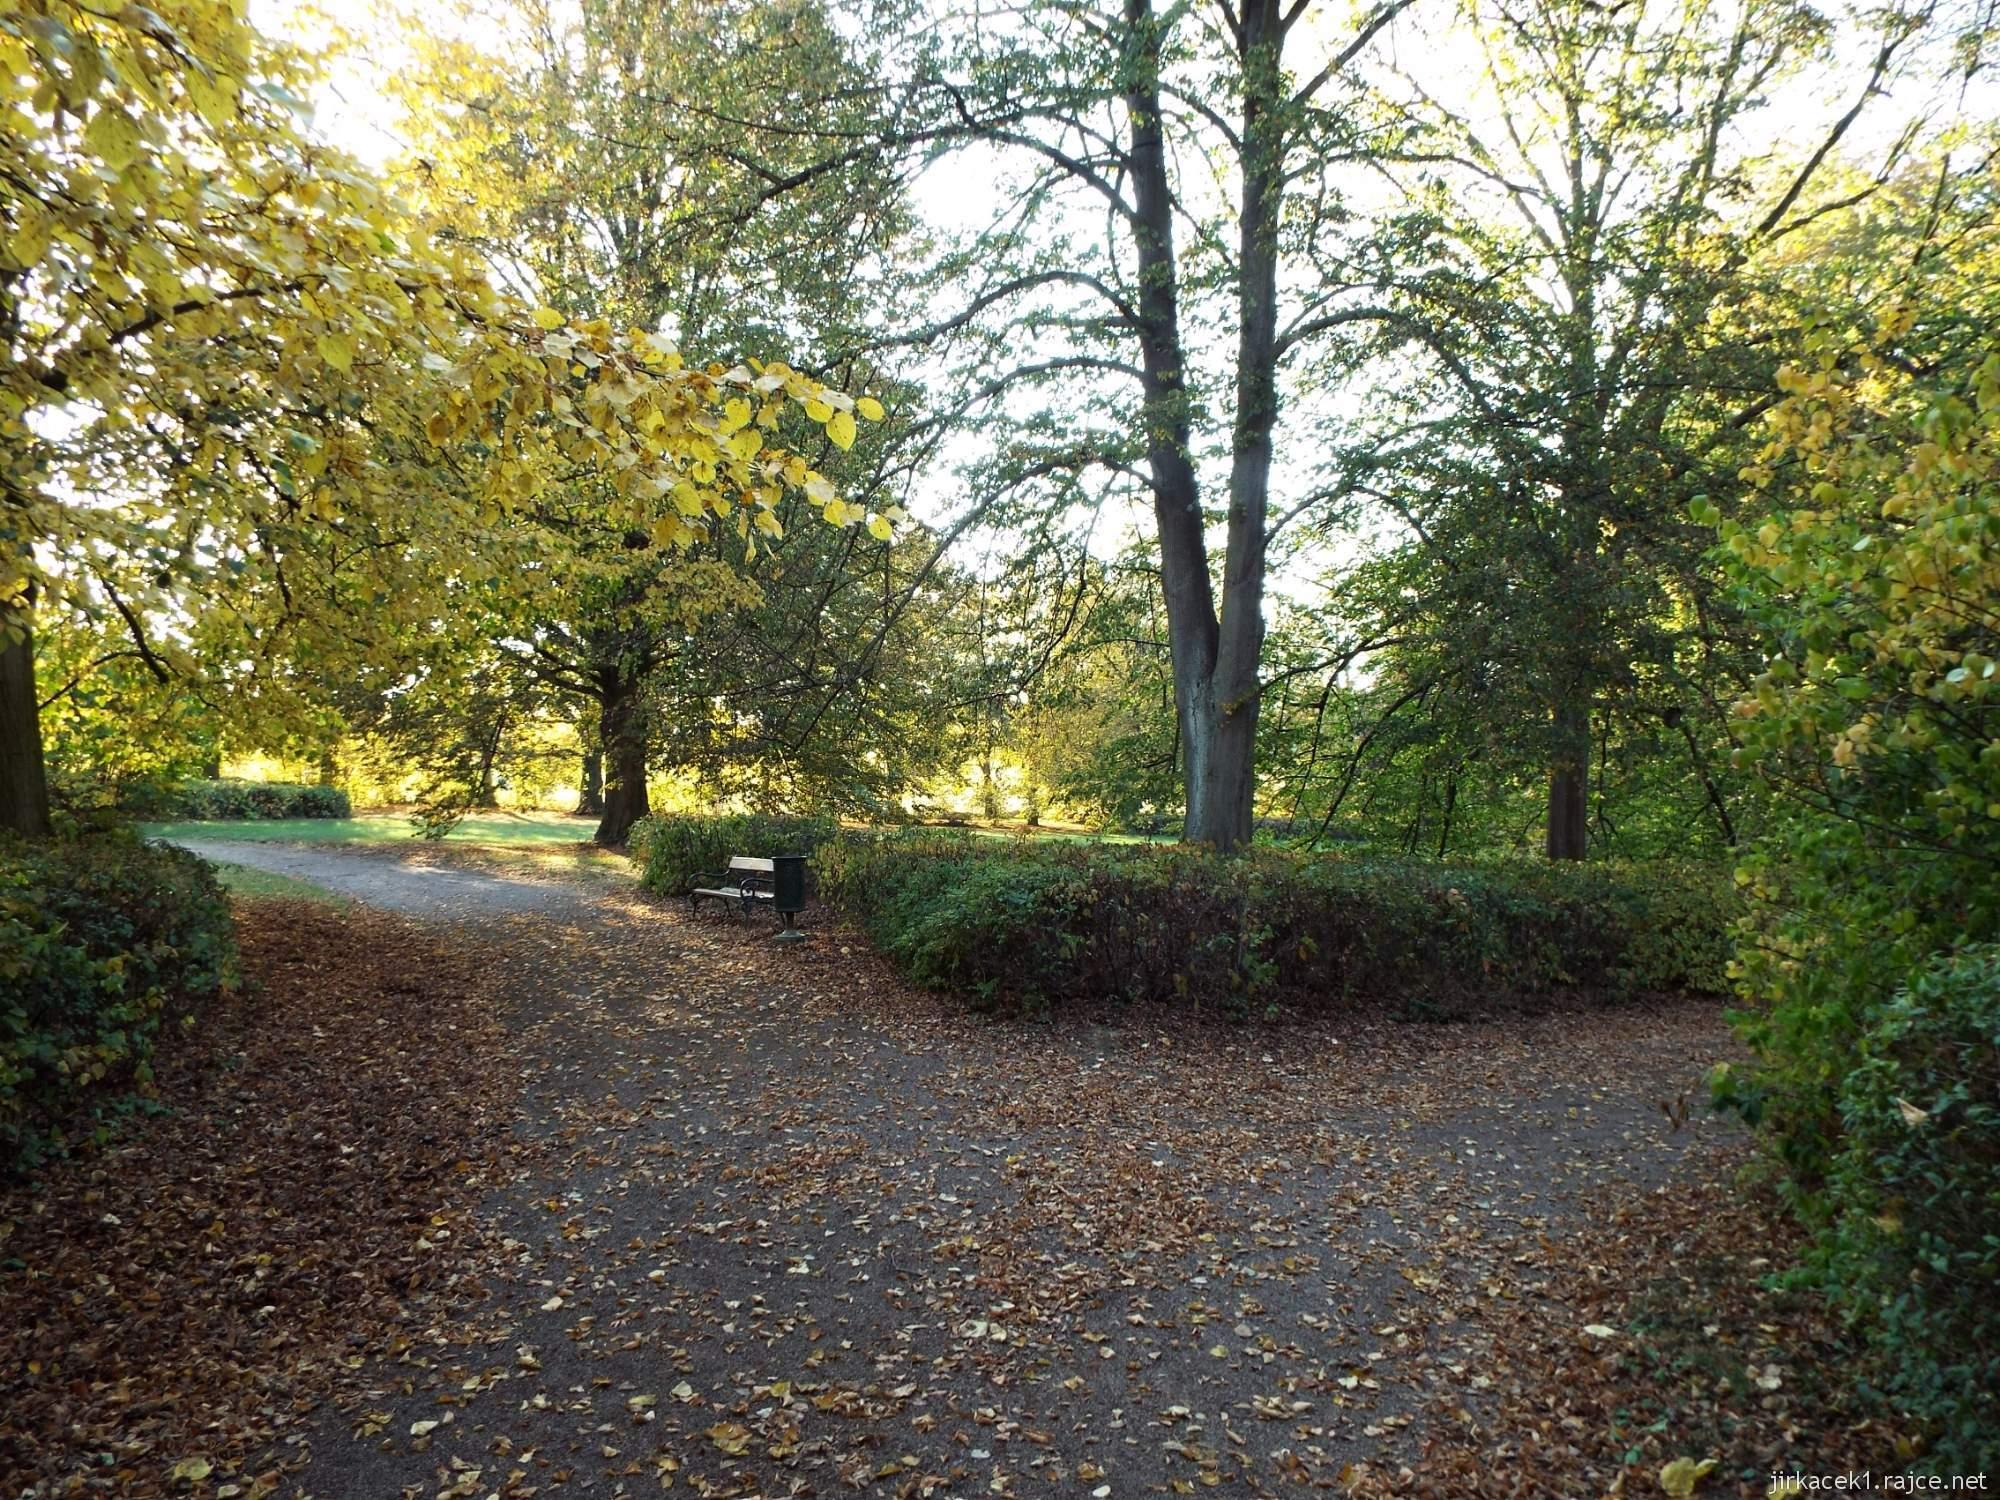 Růžový palouček Litomyšl - polovina cesty arboretem ve tvaru dvou osmiček